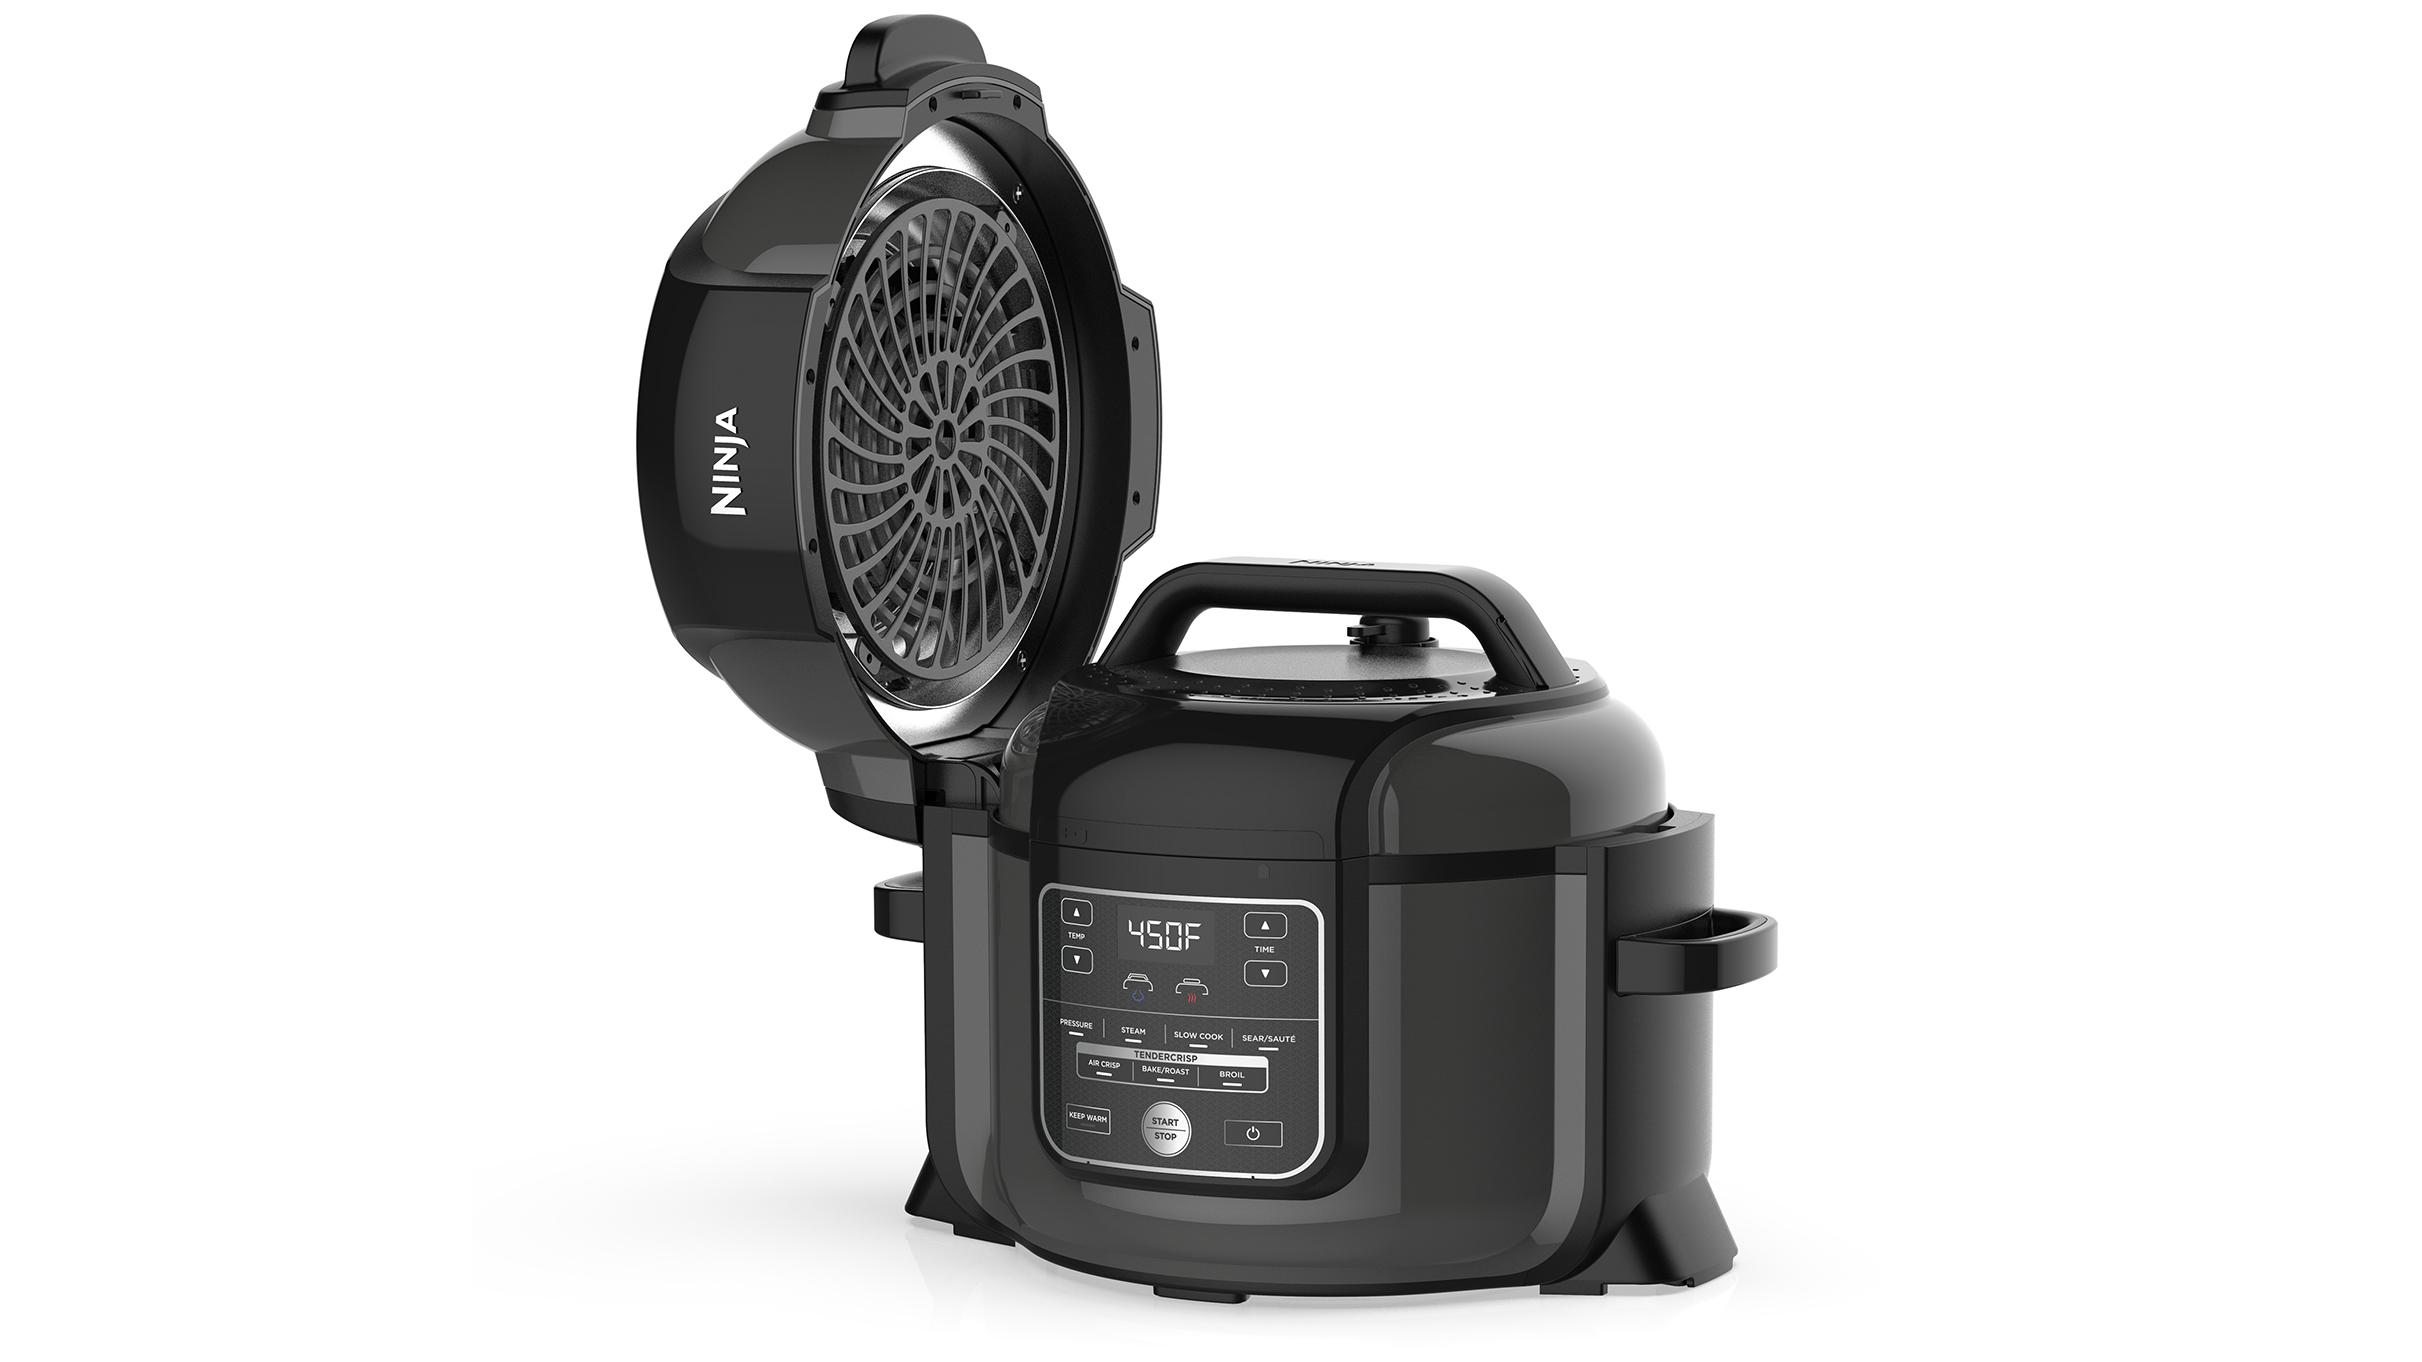 Ninja Foodi TenderCrisp Air Fryer Pressure Cooker